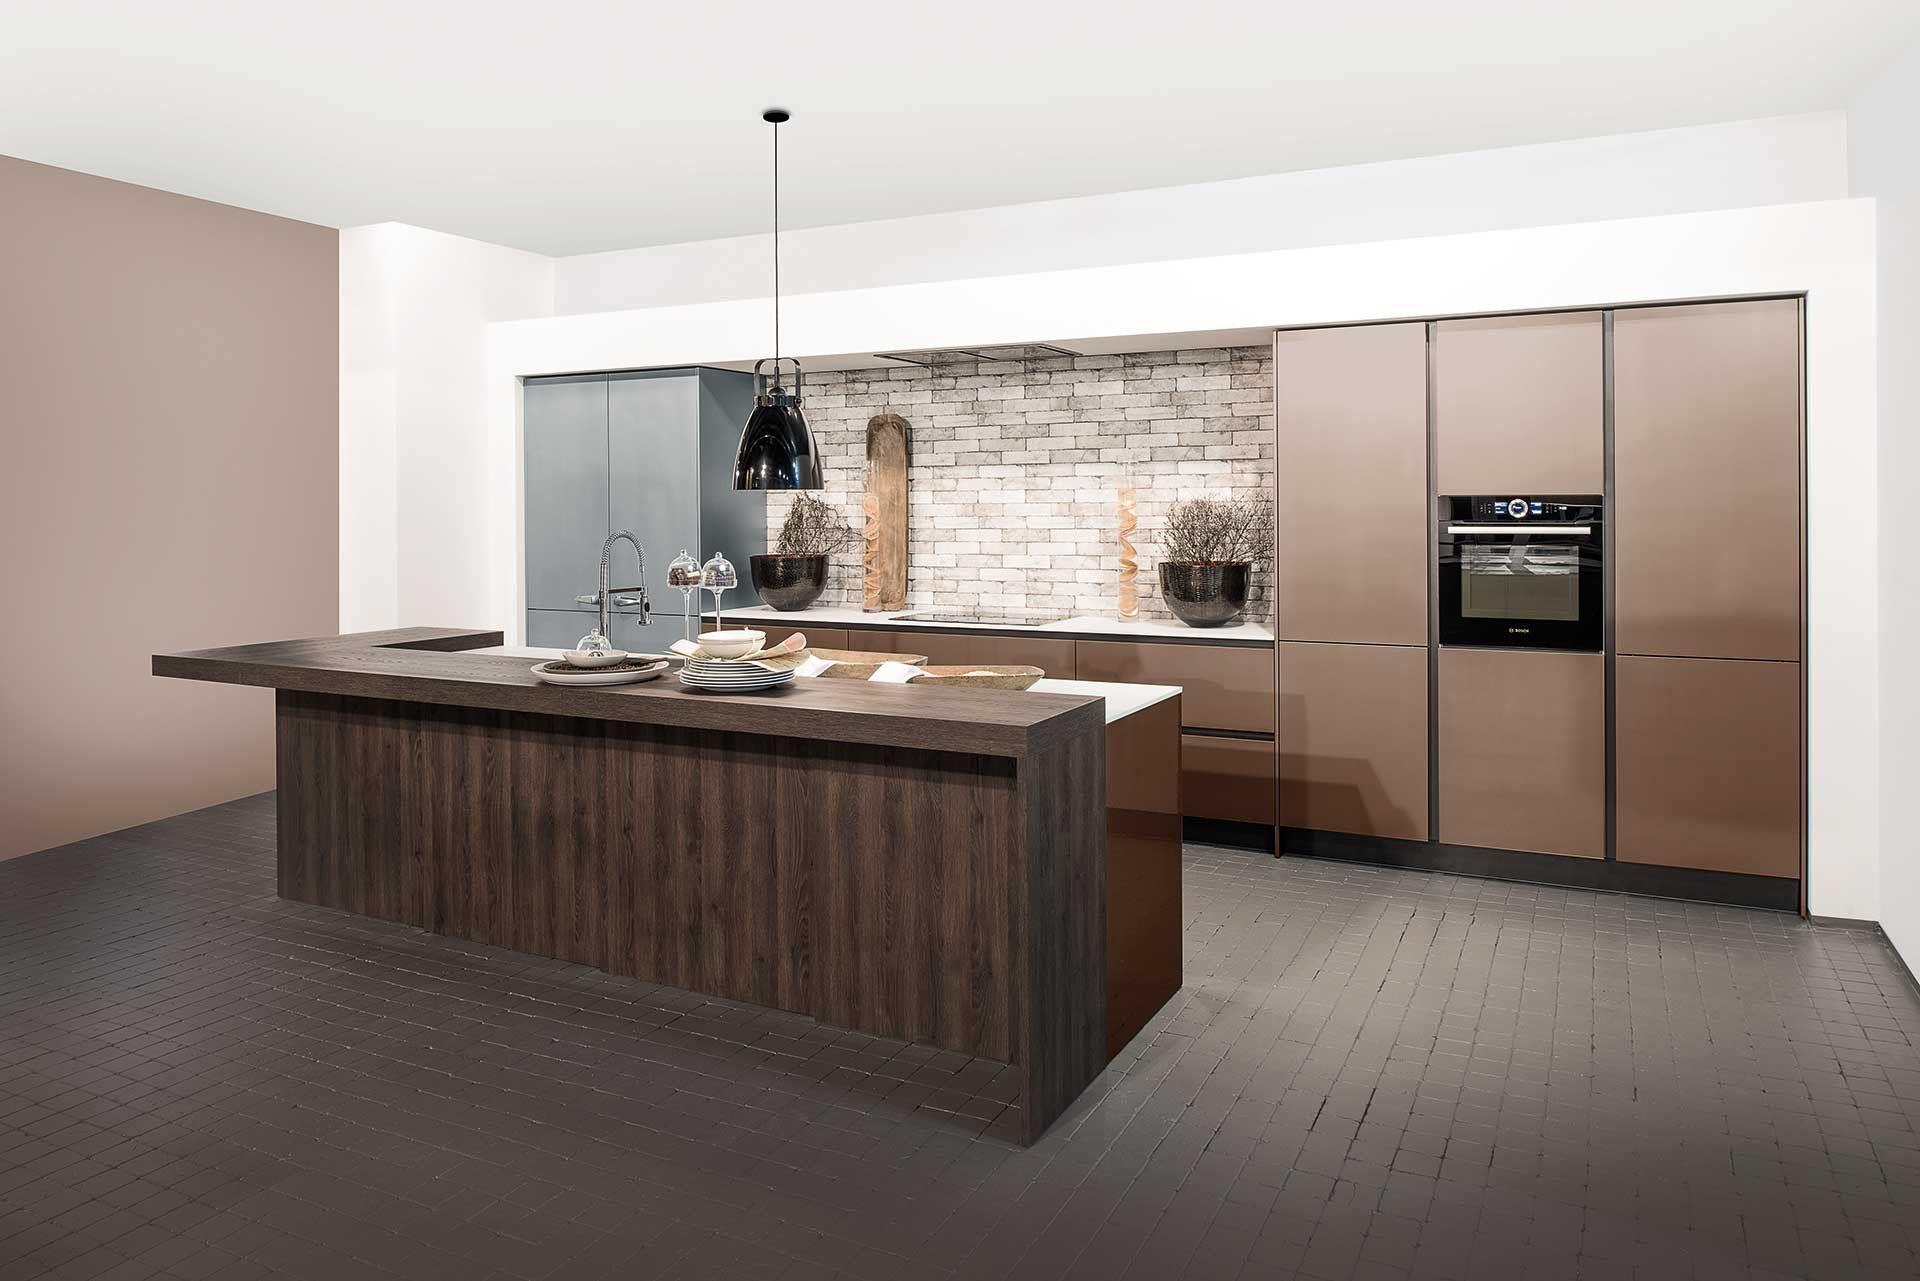 Keuken Organizer Ontwerpen : Moderne bronzen keuken met hout look met brons als dé trend